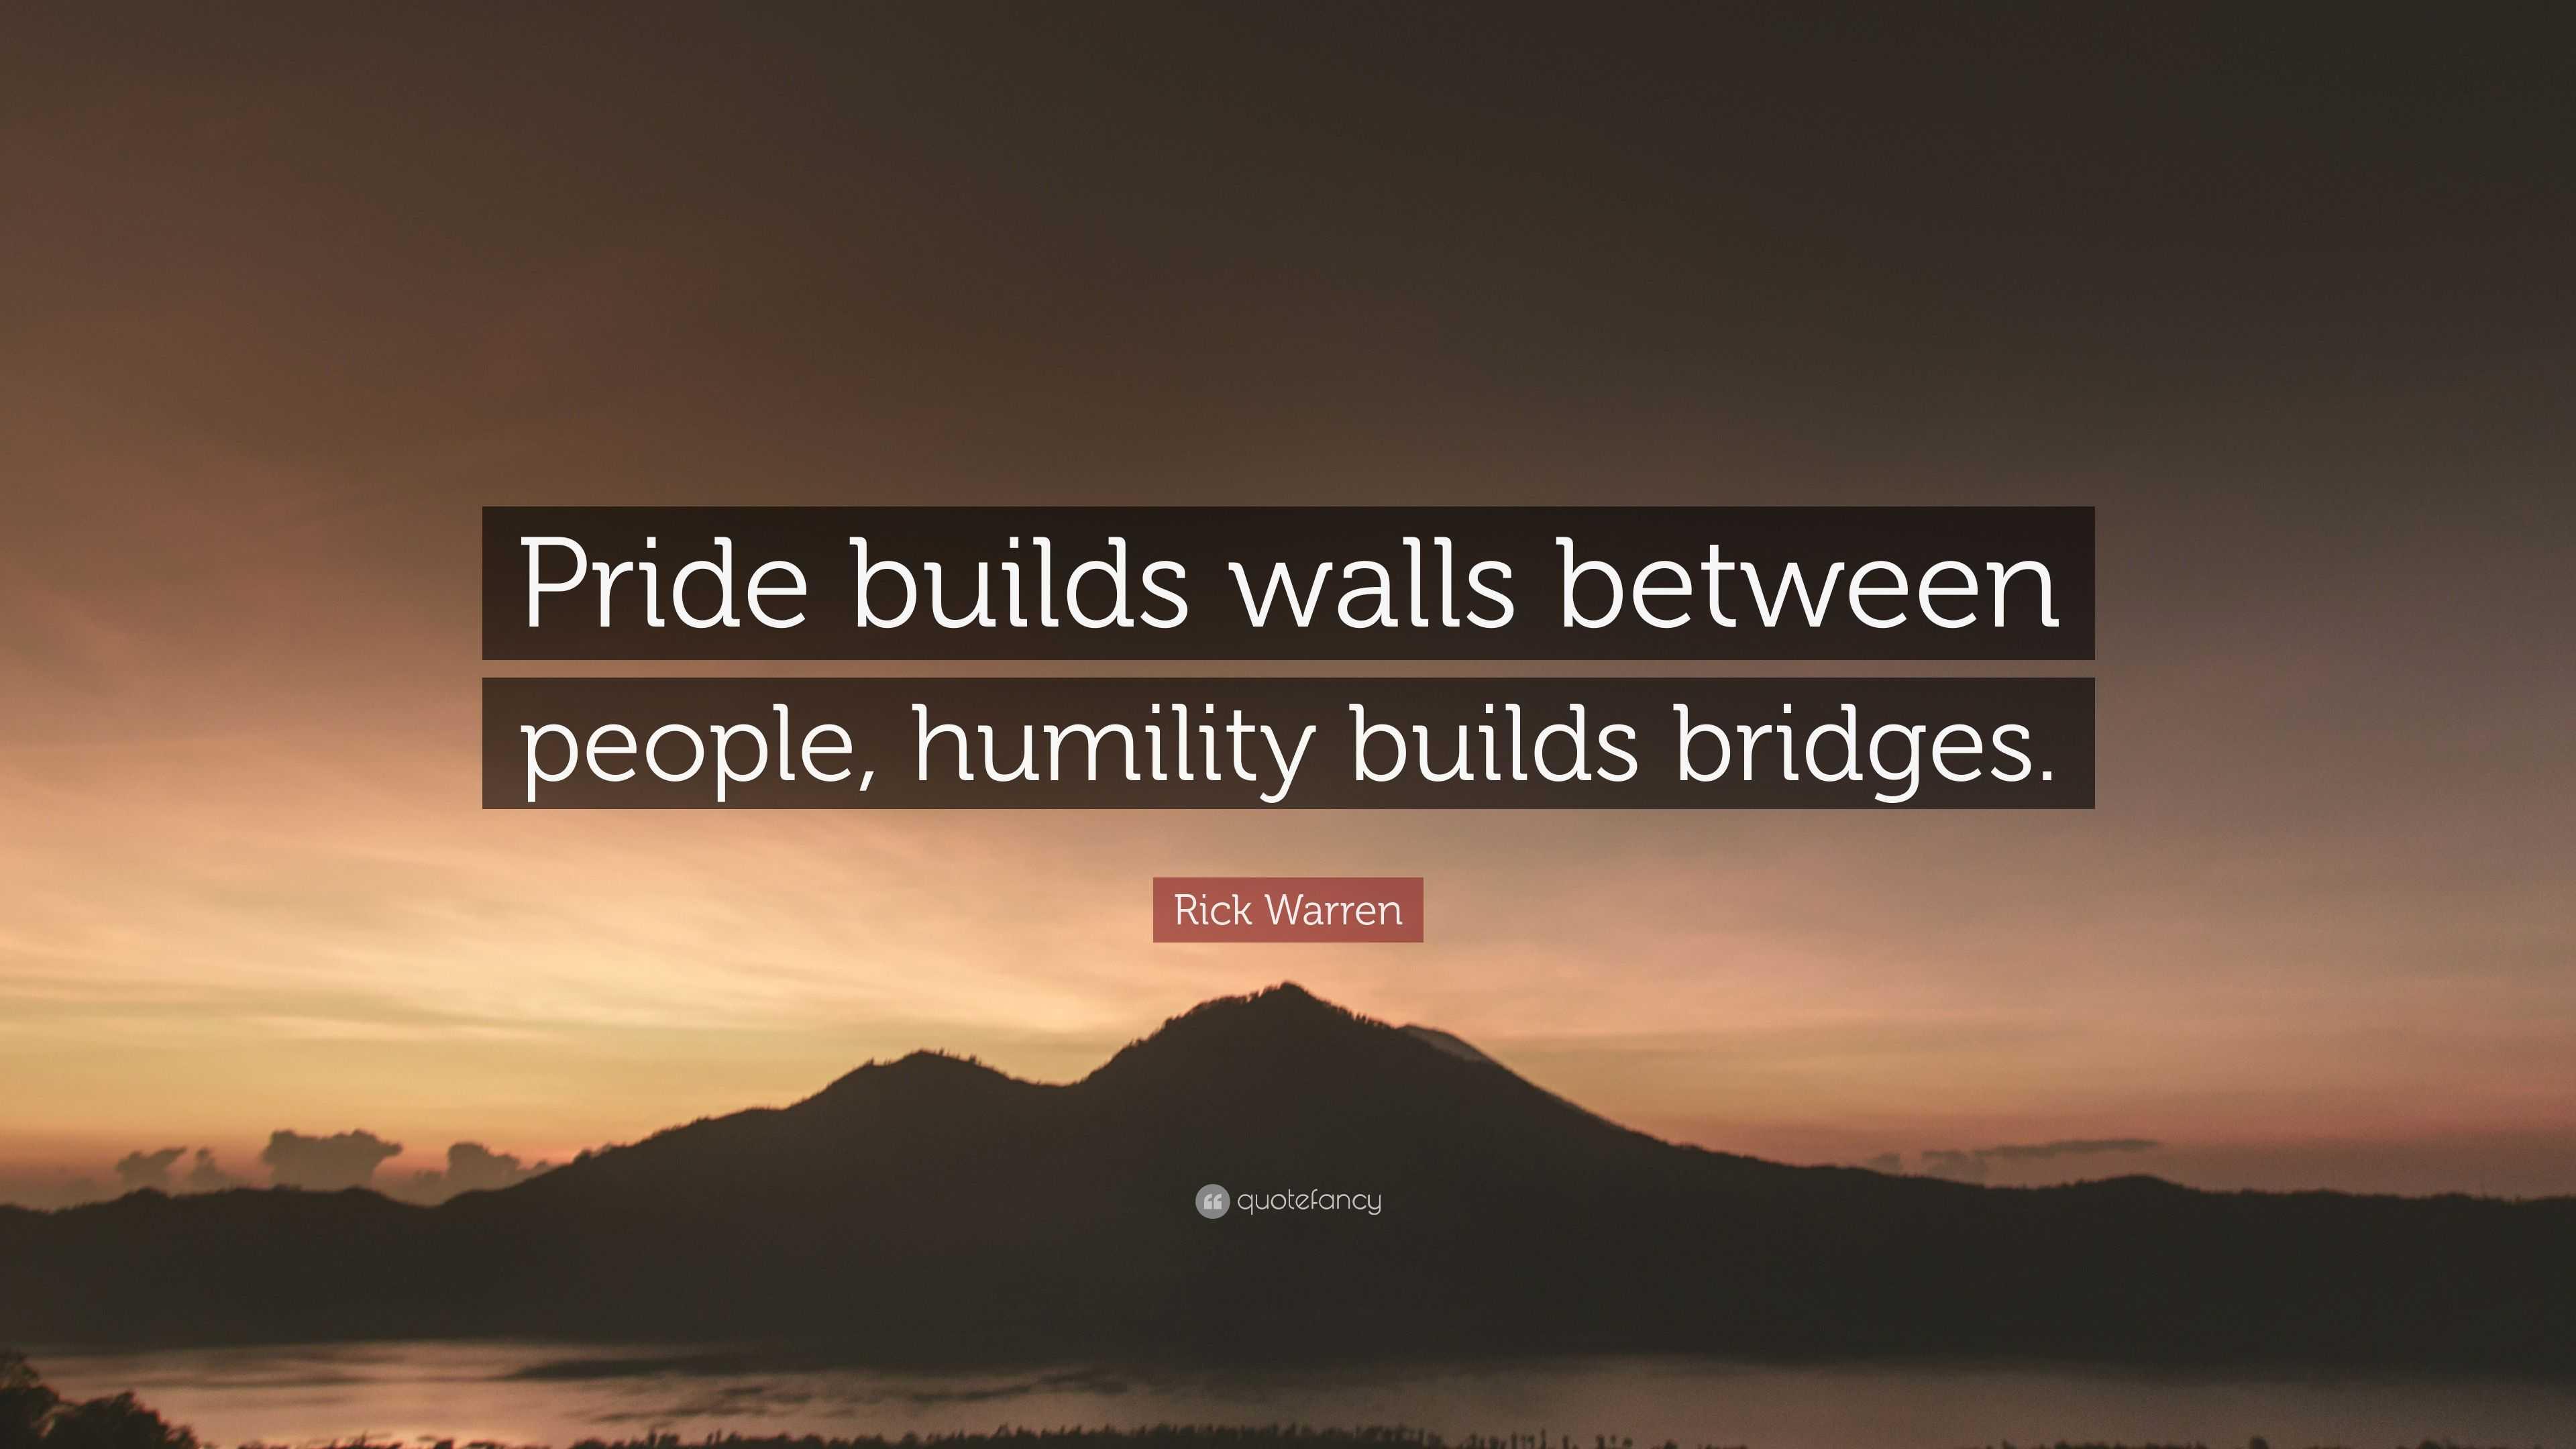 Passion Wallpaper Quote Rick Warren Quote Pride Builds Walls Between People